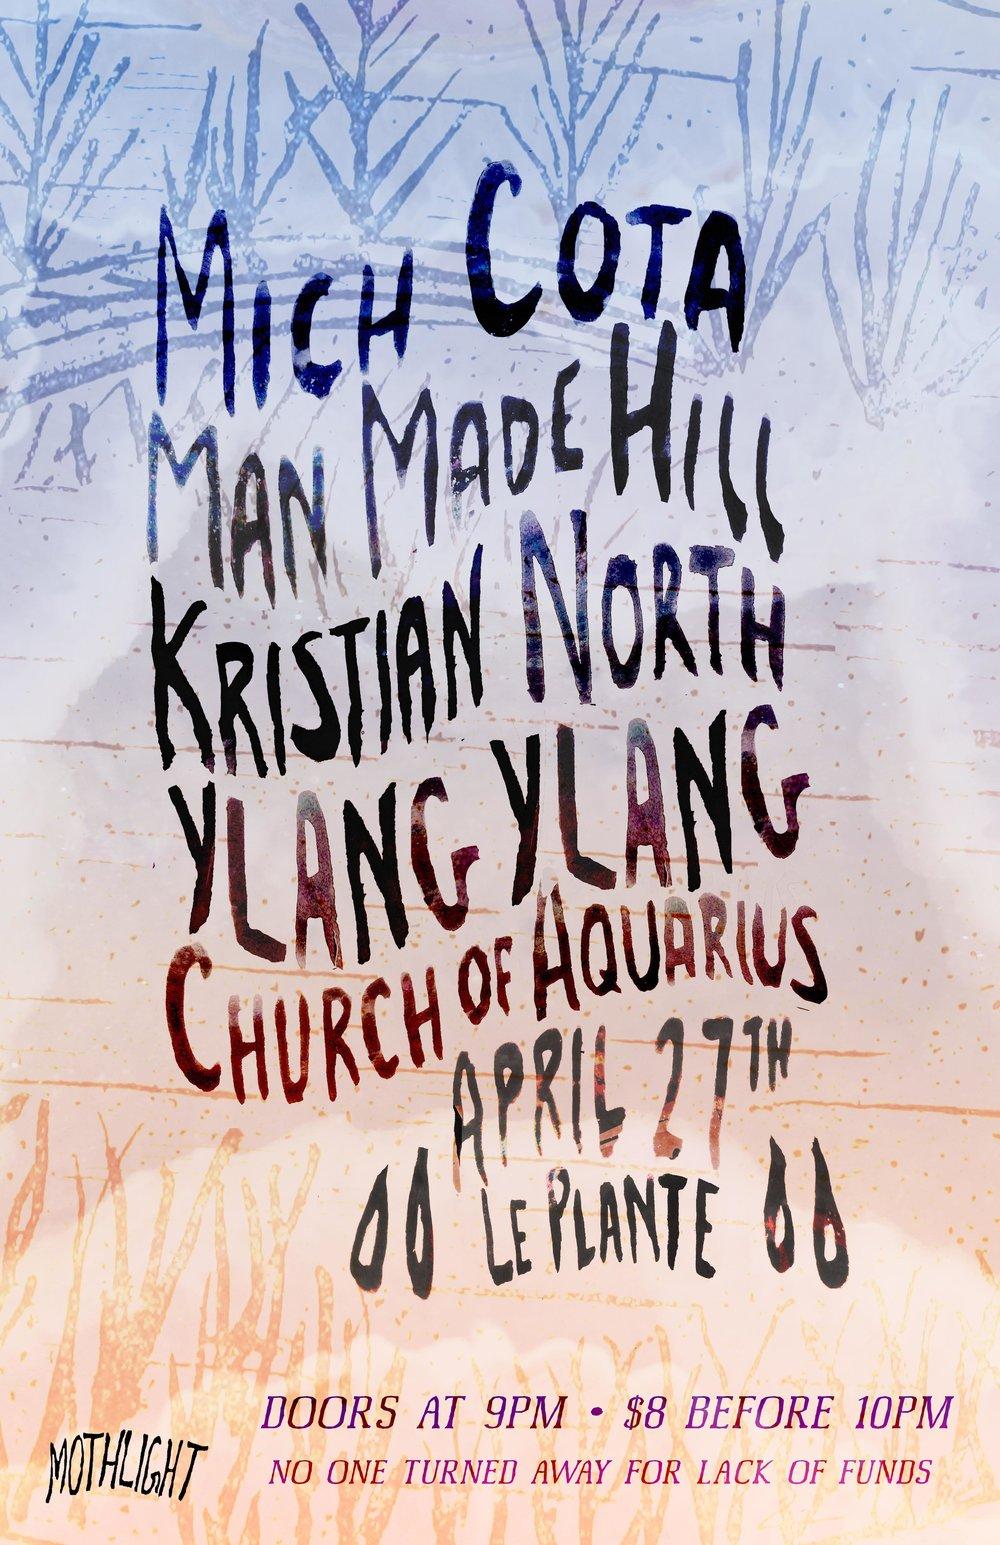 Mich Cota - Man Made Hill - Kristian North - Ylang Ylang - Church of Aquarius